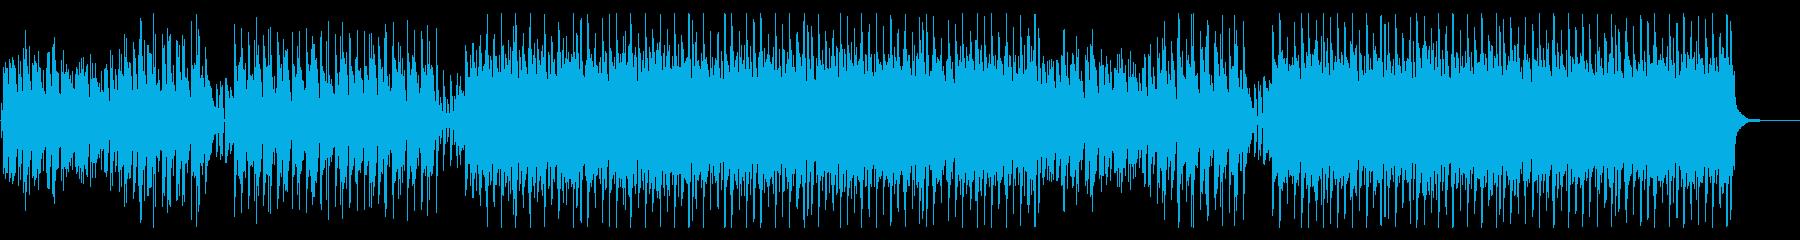 CMやVPにおしゃれかわいいピアノポップの再生済みの波形